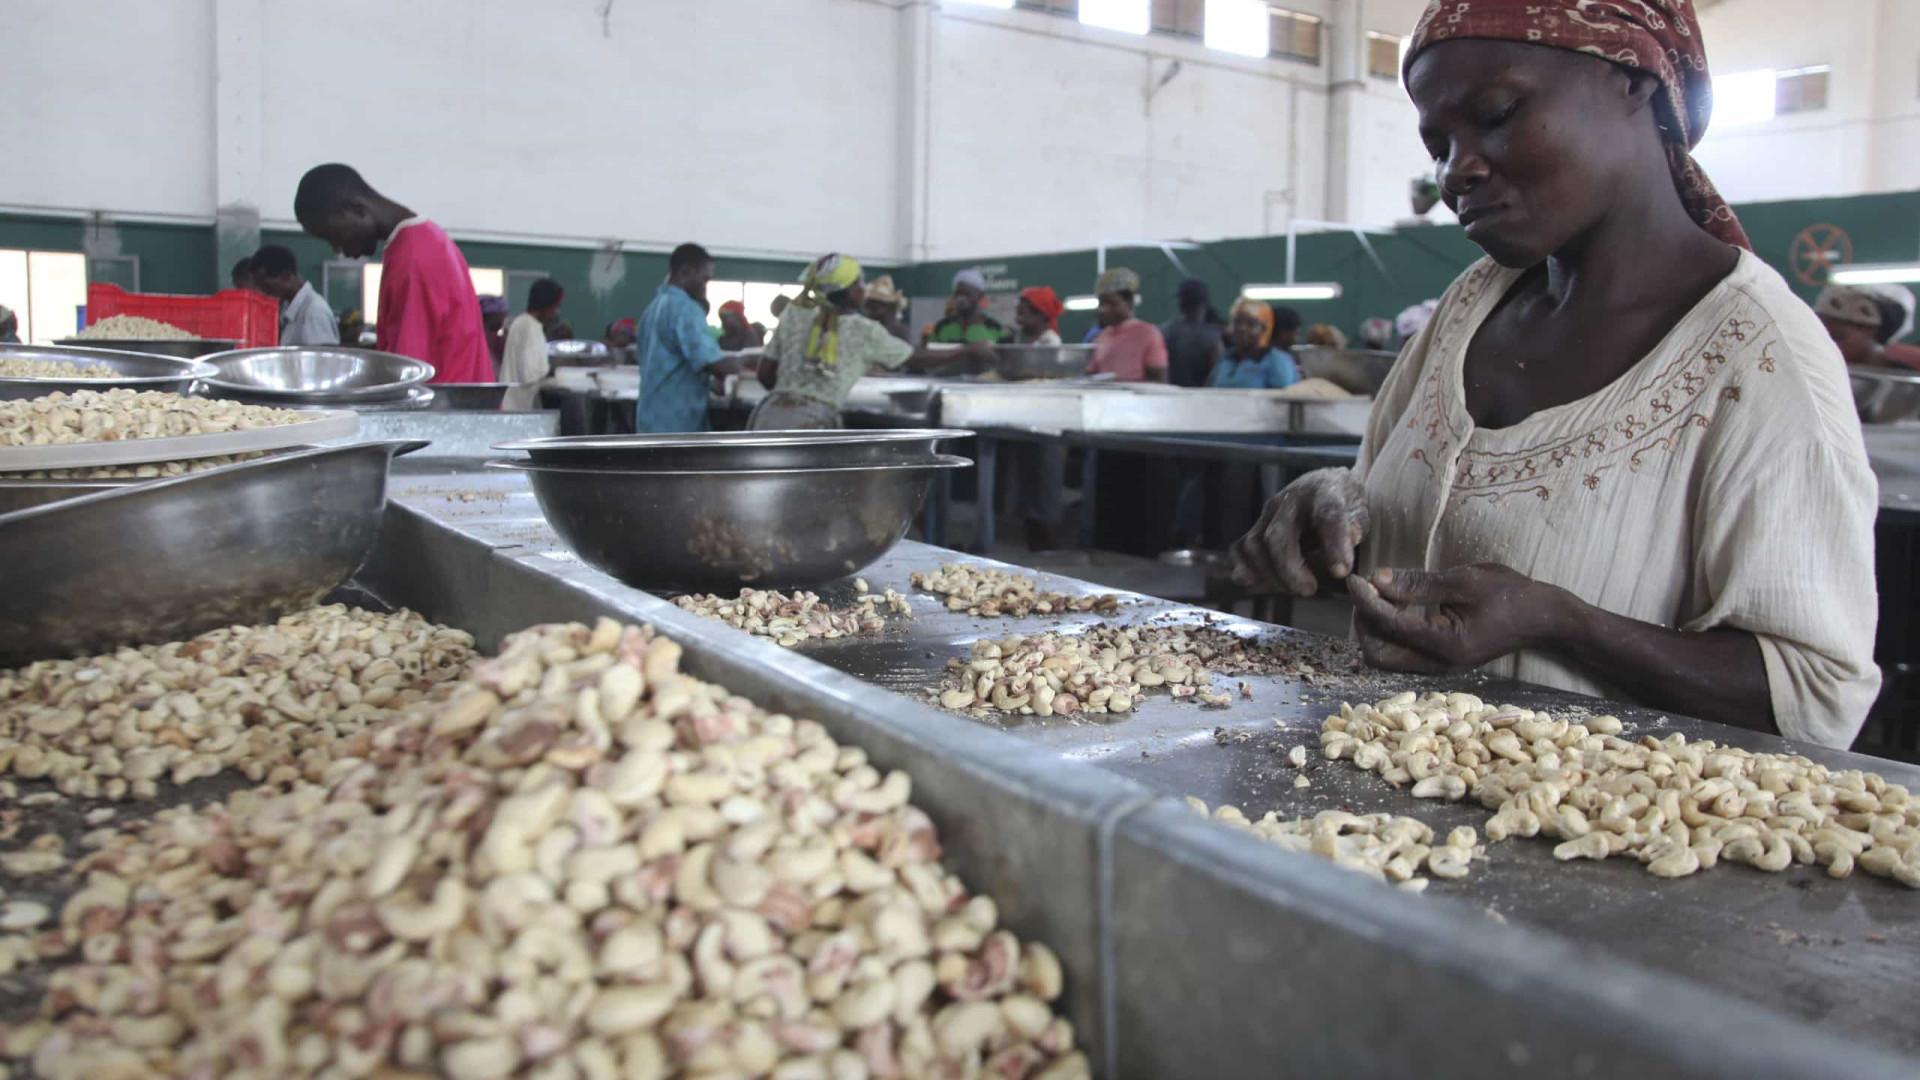 Cultura tradicional do caju não ajuda Guiné-Bissau a desenvolver-se